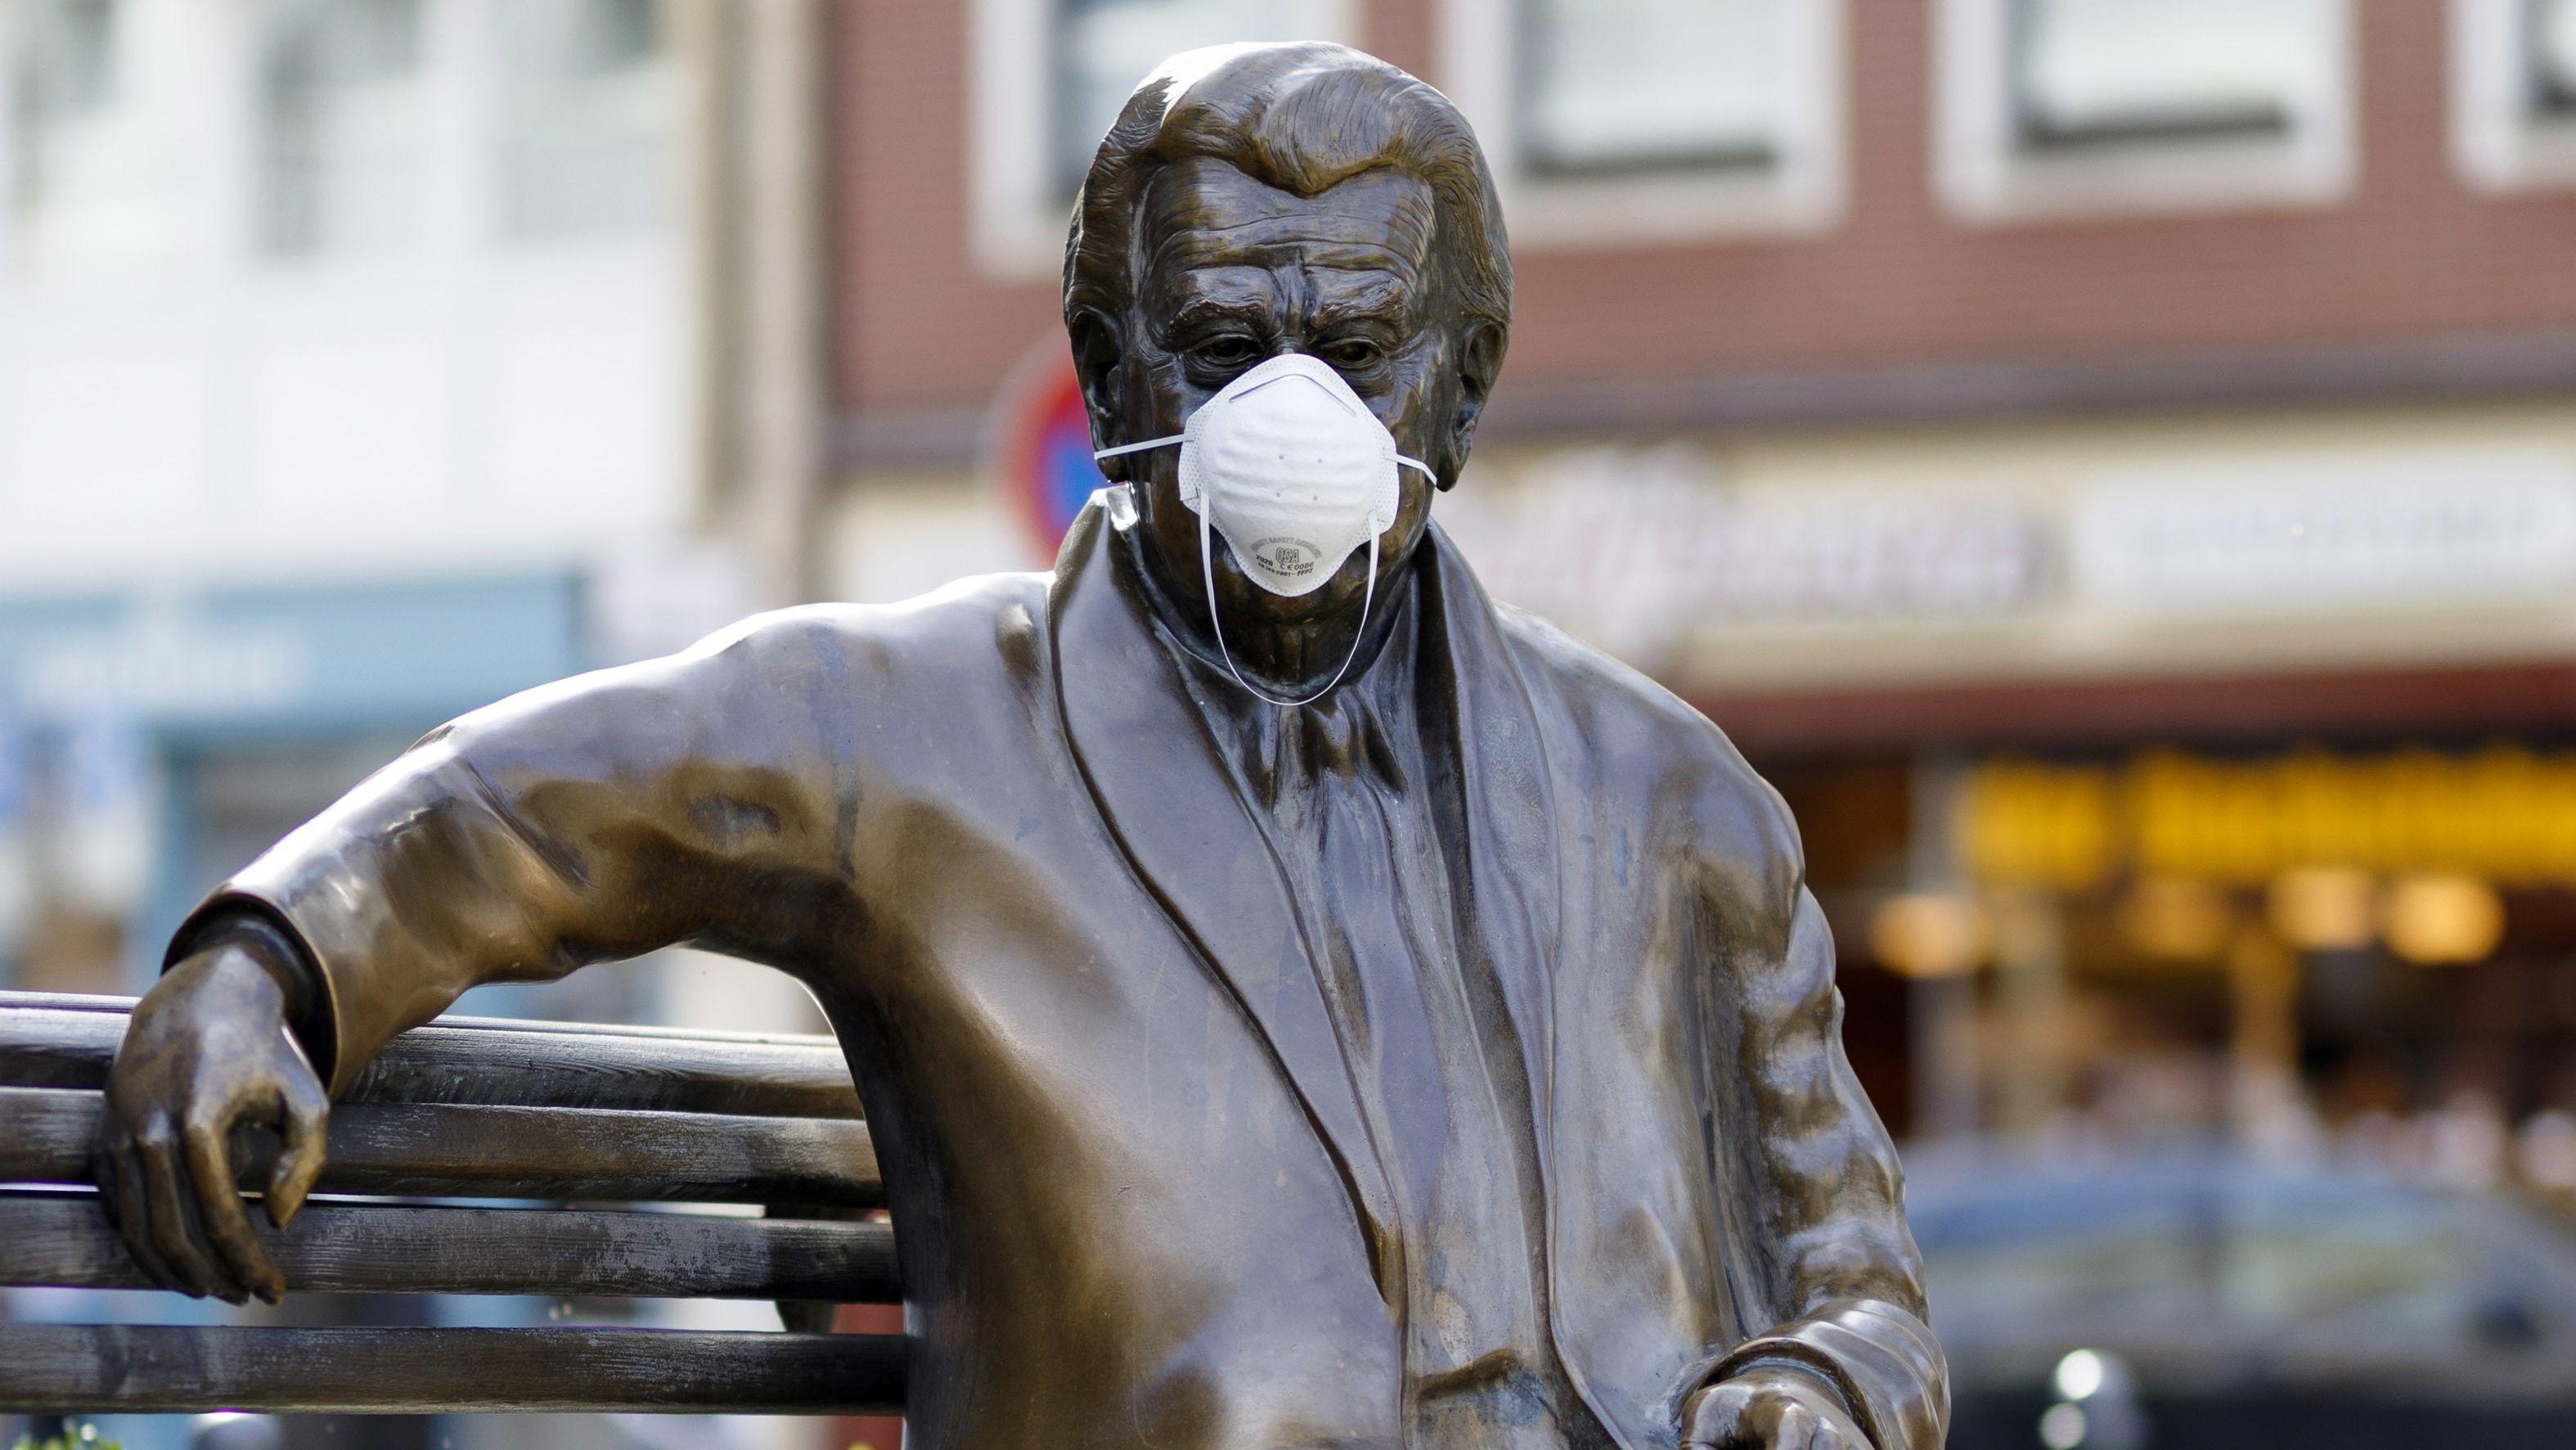 Jemand hat eine Bronzestatue mit einer Atemmaske ausgestattet.